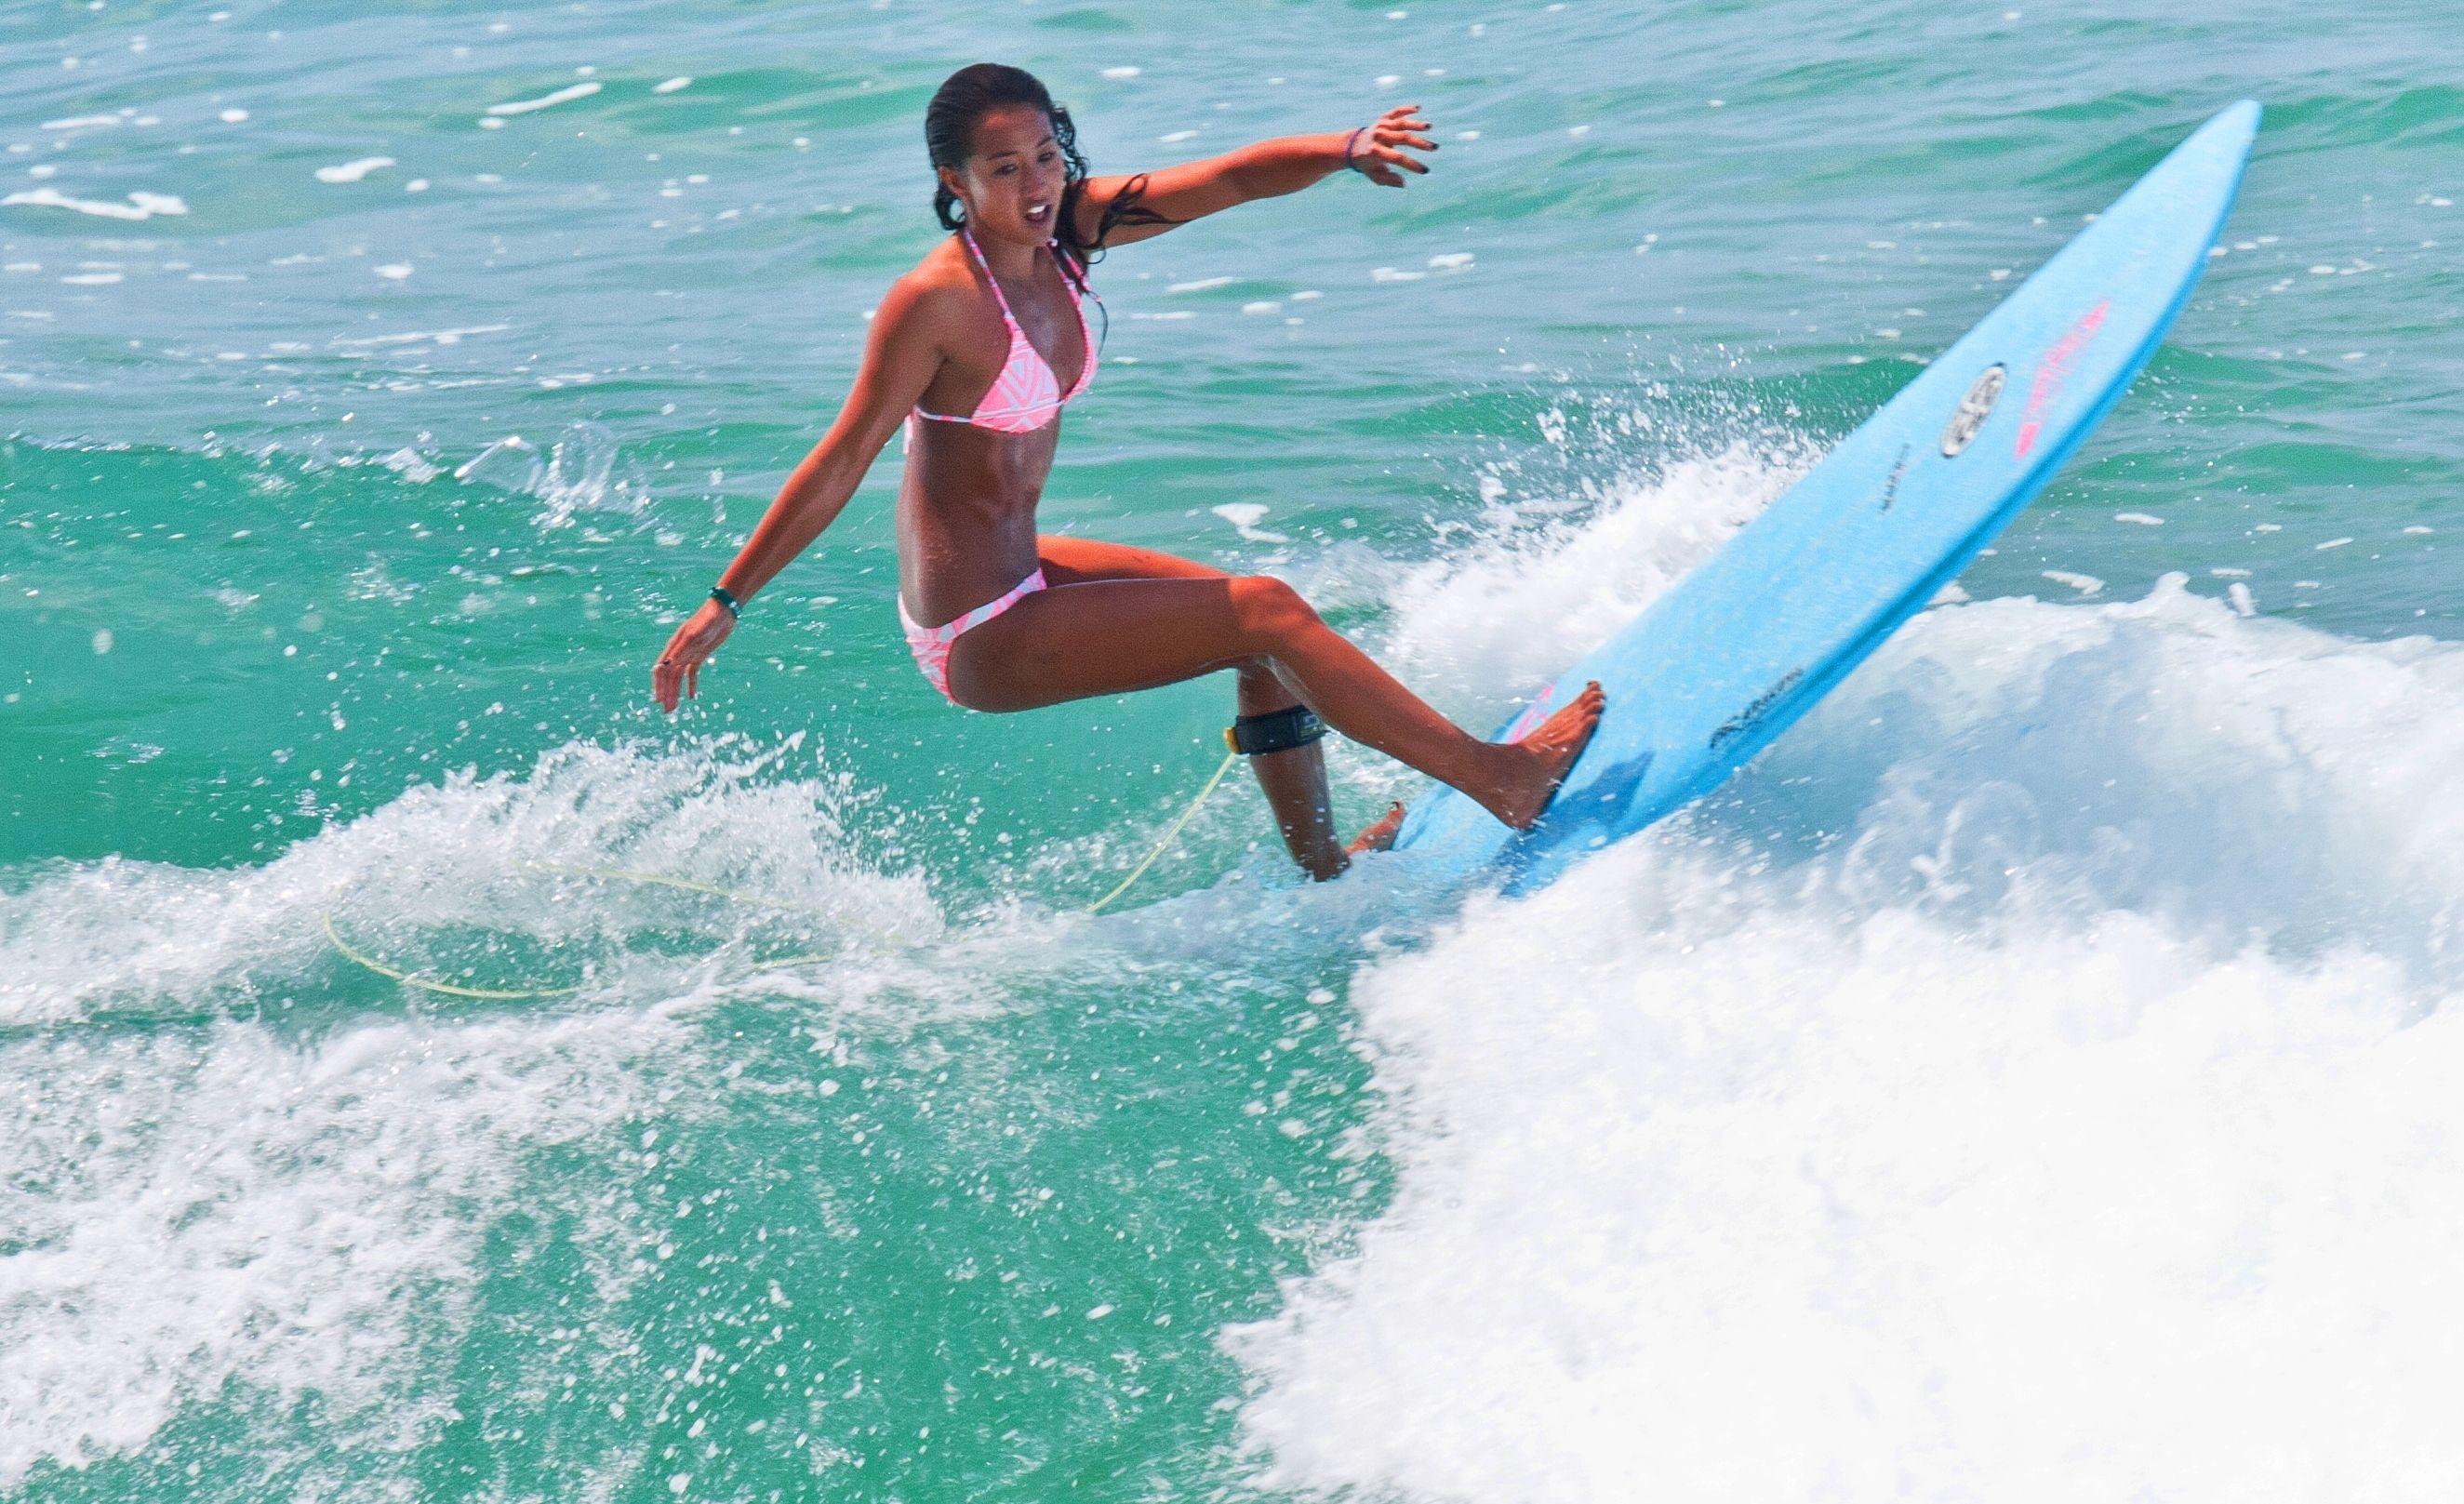 Surfer girl Kelia Moniz